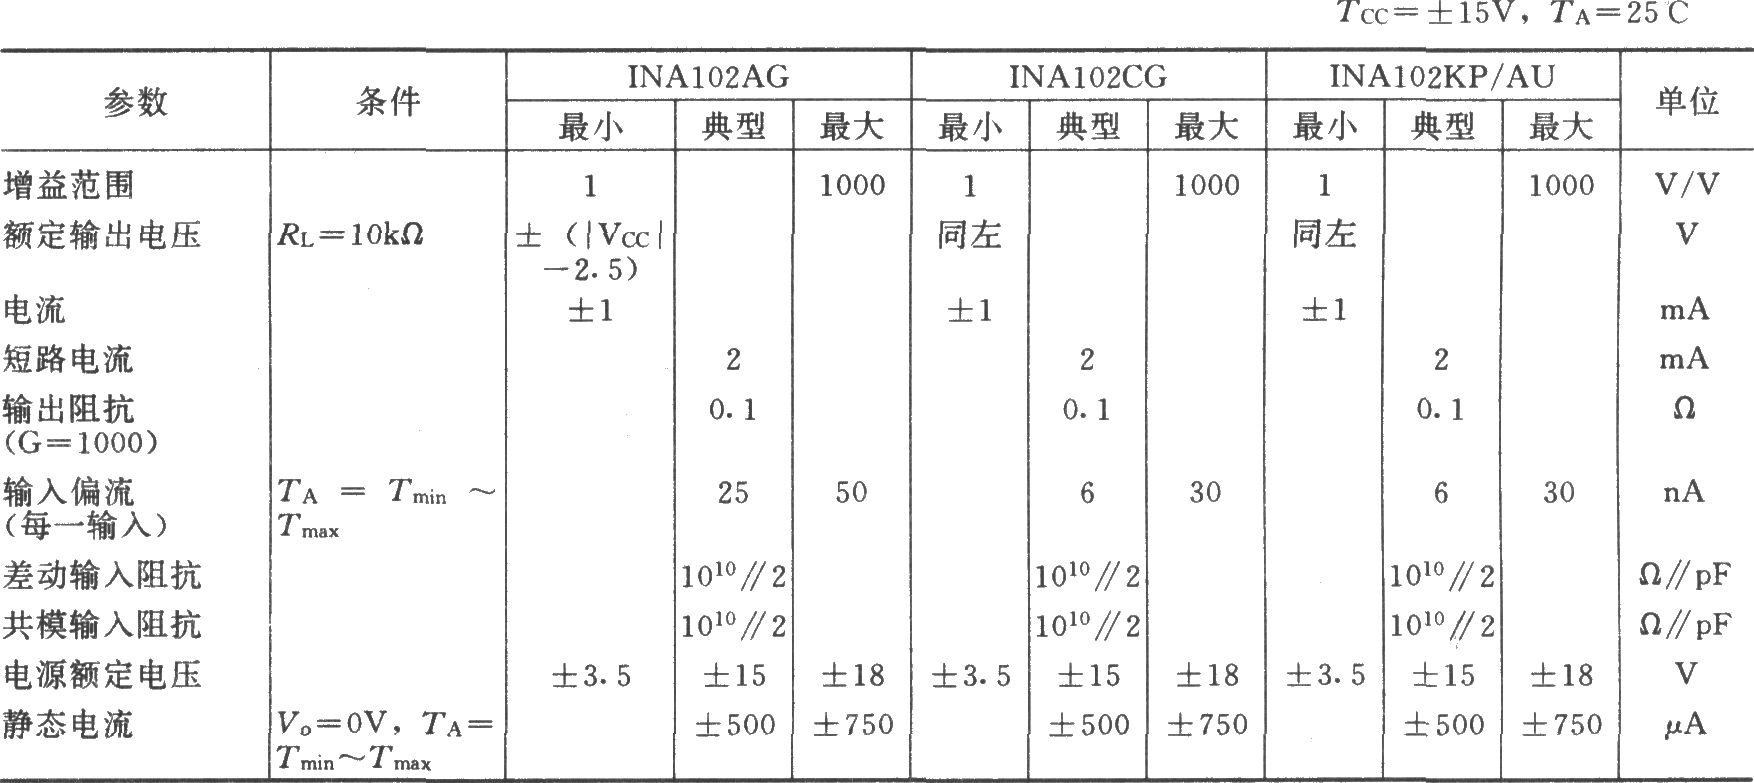 传感器与放大器之间应采用屏蔽线。由于INA102的内部附设有九个精度极高的金属膜电阻,且其温度稳定性也很高,所以其具有很高的增益精度。在使用时不需外接电阻,因而应用极为方便,即只要连接INA102的不同引脚便可得到不同的增益:1、10、100或1000。INA102芯片的内部结构框图如图(b)所示。由图可知,INA102内部含有三个集成运放和多个阻容元件,它具有放大微弱差动信号的能力,因而常用来作为数据检测系统的前置放大。使用中,当电压放大倍数较小(如Av10)时,对失调电压及漂移等指标INA102都能很